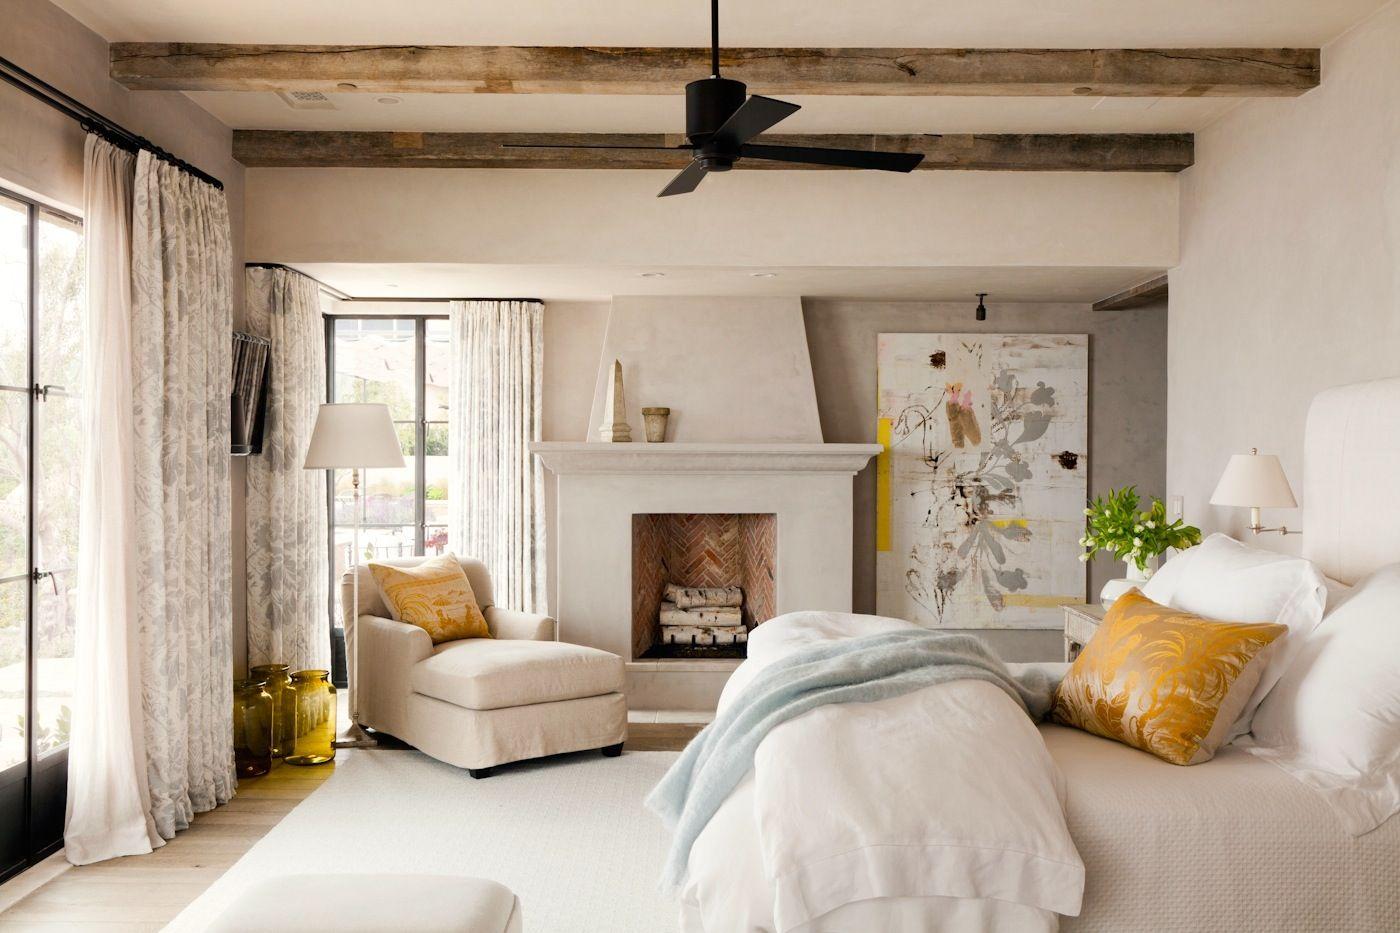 Pin By Amanda Lh On Bedrooms Cozy Master Bedroom Beautiful Bedrooms Bedroom Design Most popular relaxingmaster bedroom